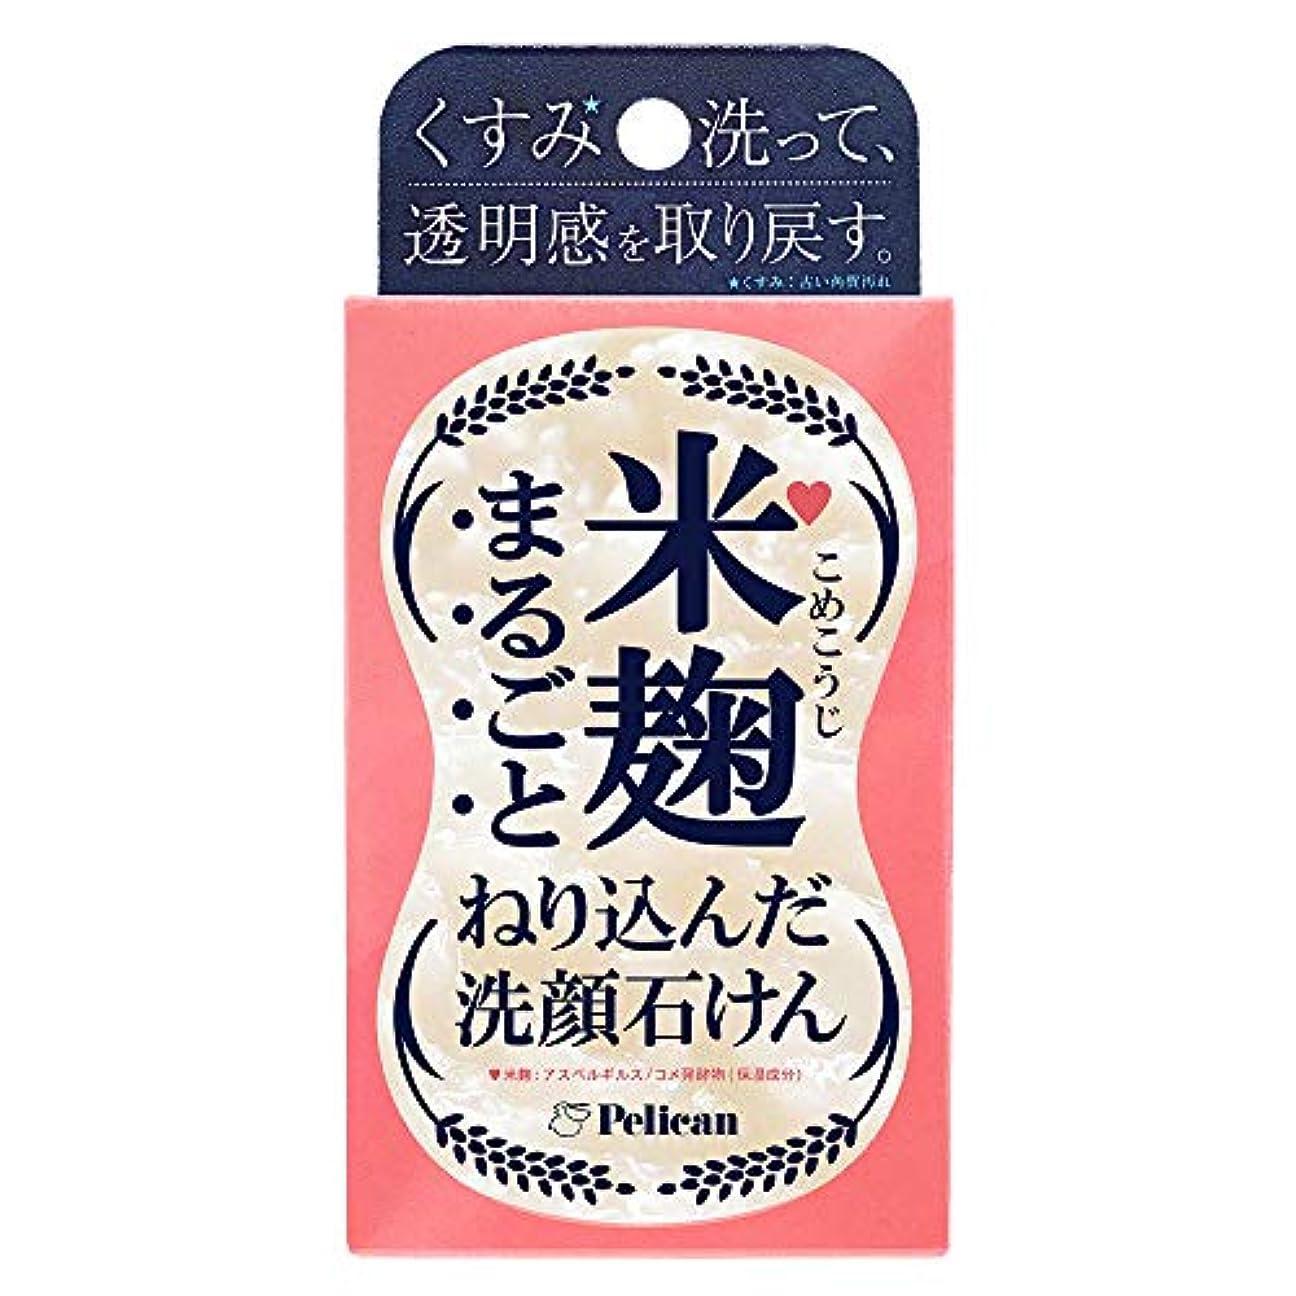 する必要がある災難朝ごはんペリカン石鹸 米麹まるごとねり込んだ洗顔石けん 75g